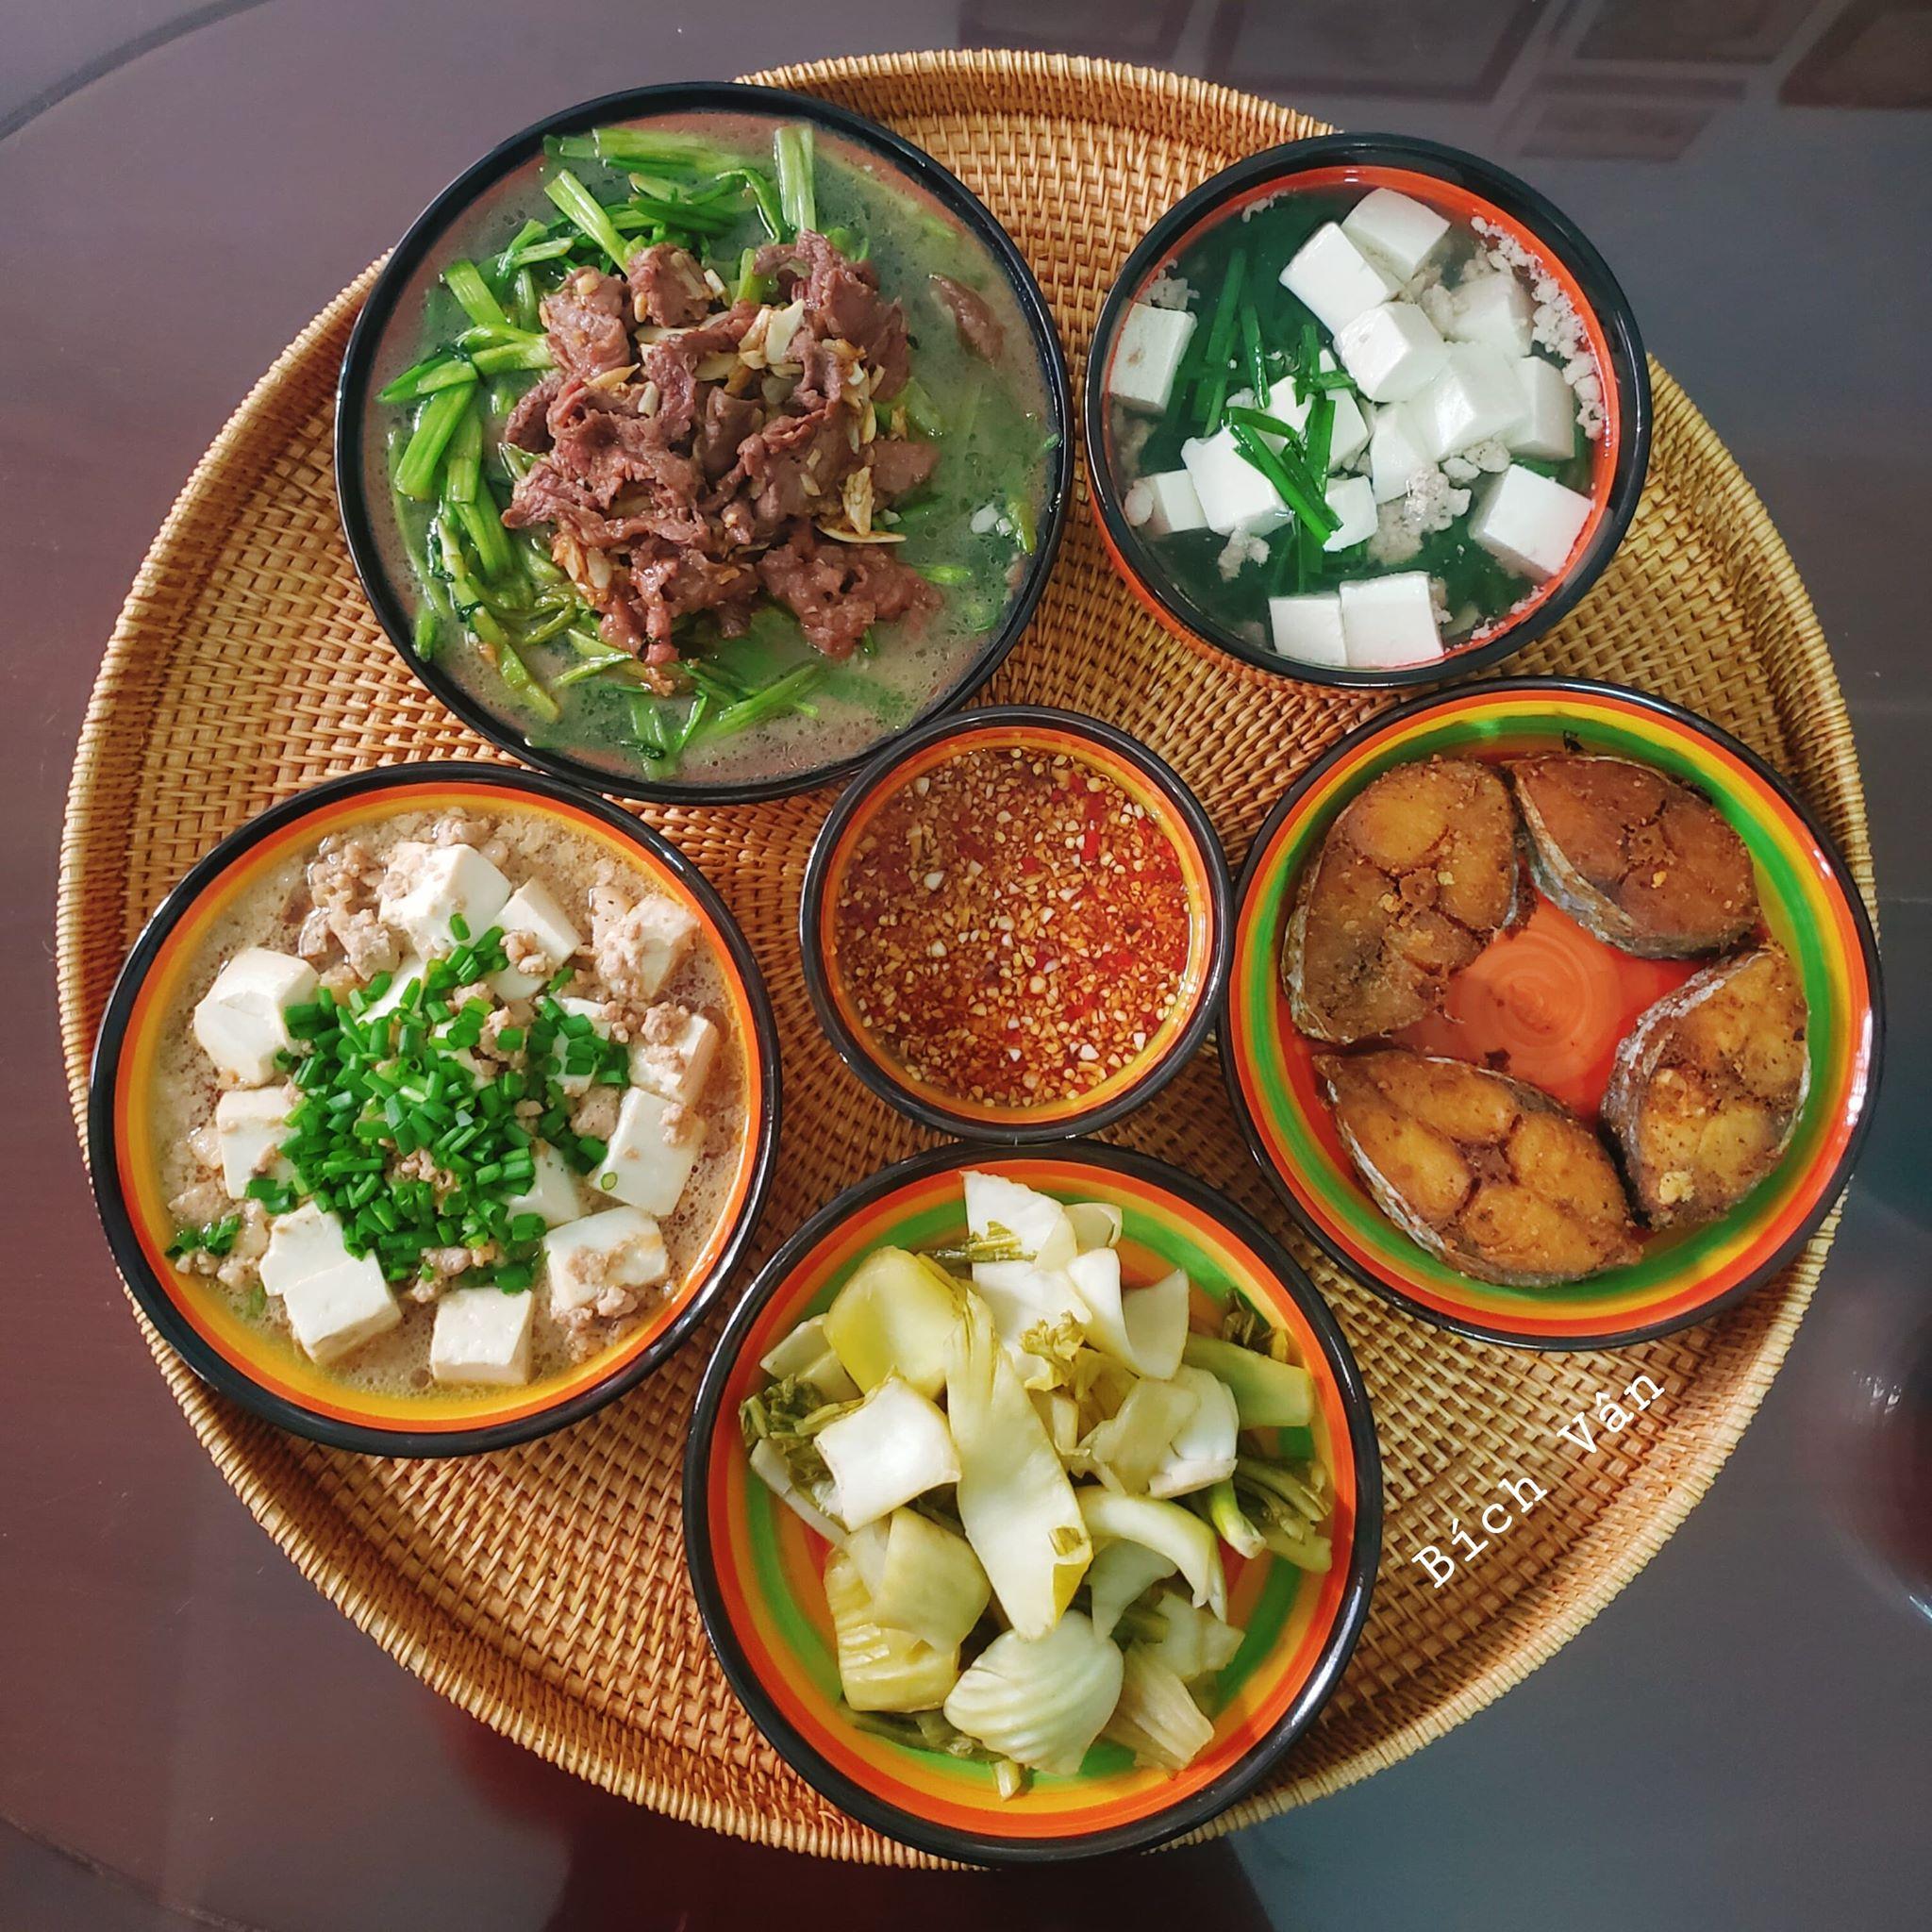 Chỉ từ 130k trở lên, bà nội trợ đảm Sài Gòn sắm sửa mỗi bữa cơm đều như đãi tiệc với các món bổ dưỡng, đẹp mắt cho gia đình 6 thành viên - Ảnh 3.